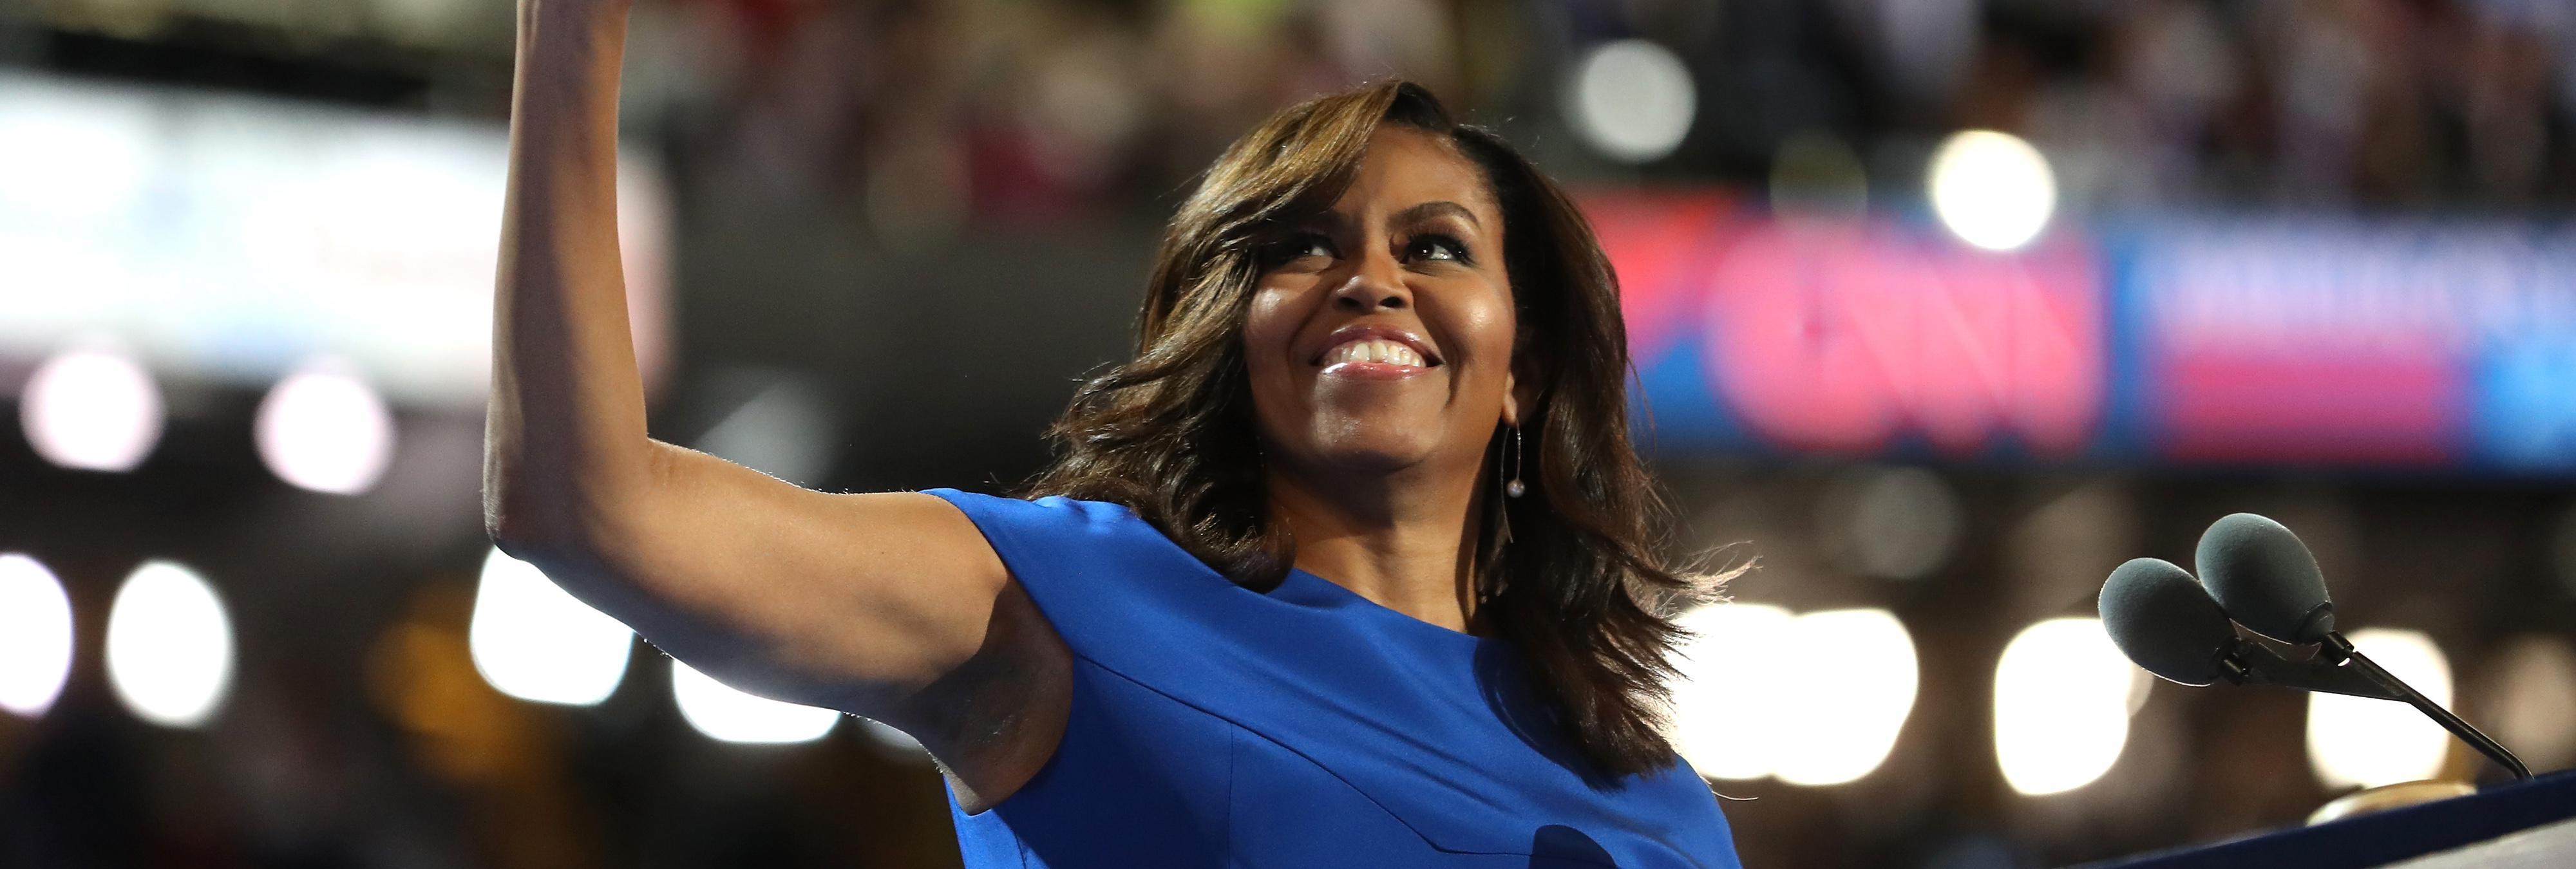 Los estadounidenses están pidiendo que Michelle Obama se presente a Presidenta tras su último discurso